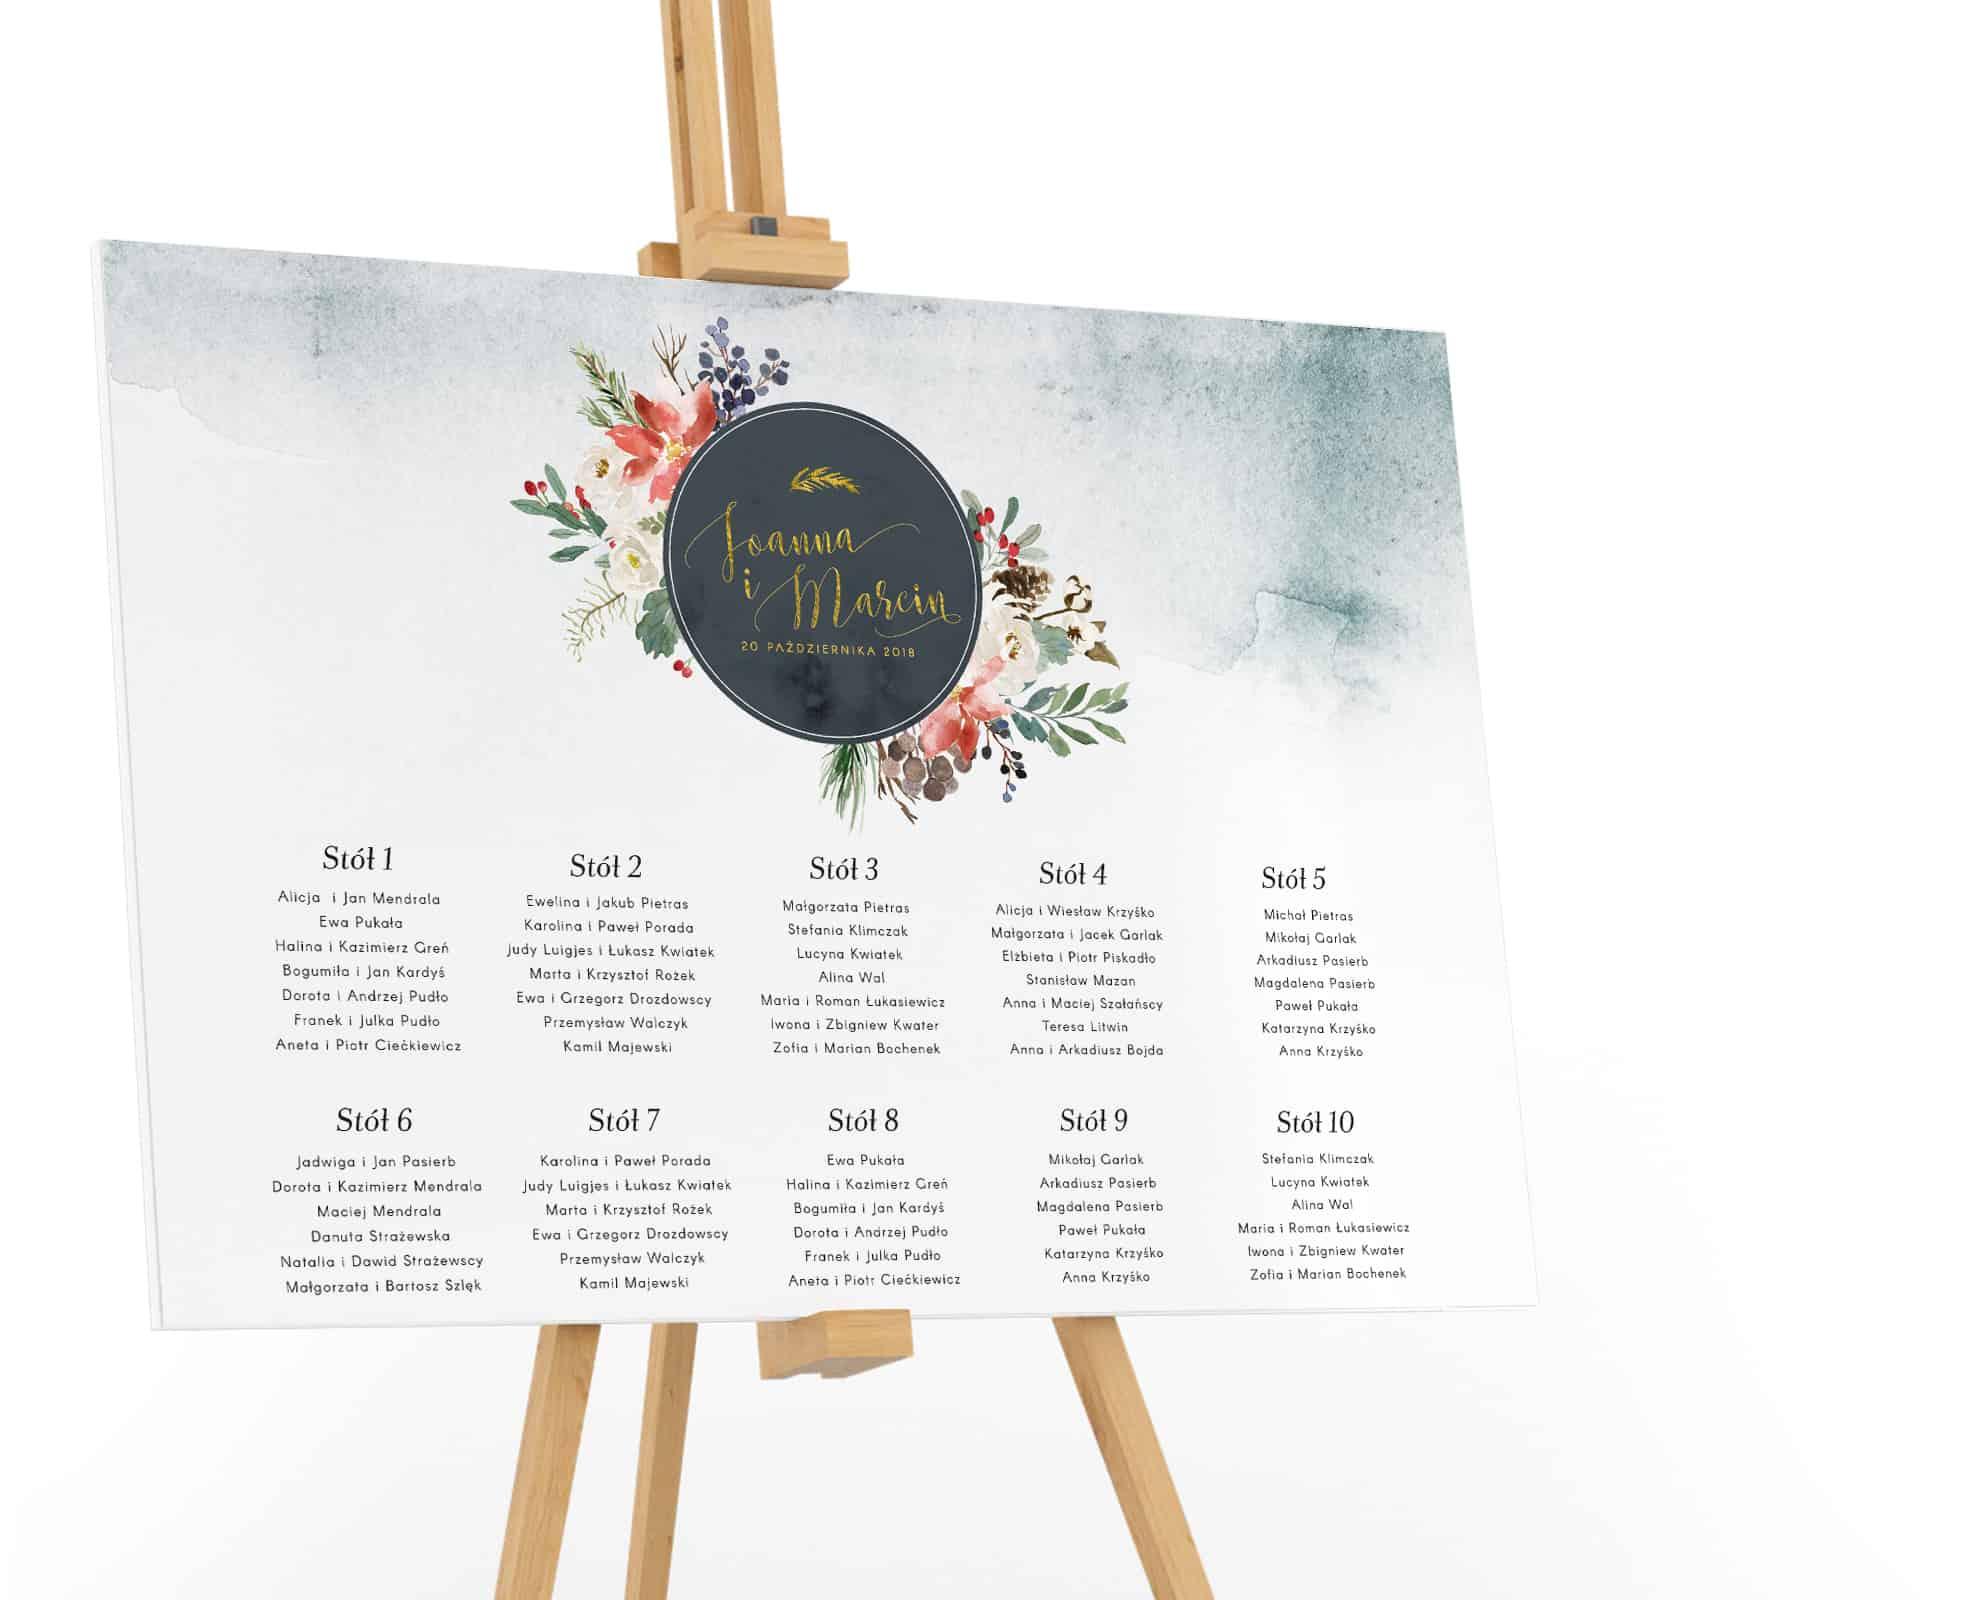 Plan stołów z motywem zimy w stylu watercolor, kompozycje kwiatów na płótnie